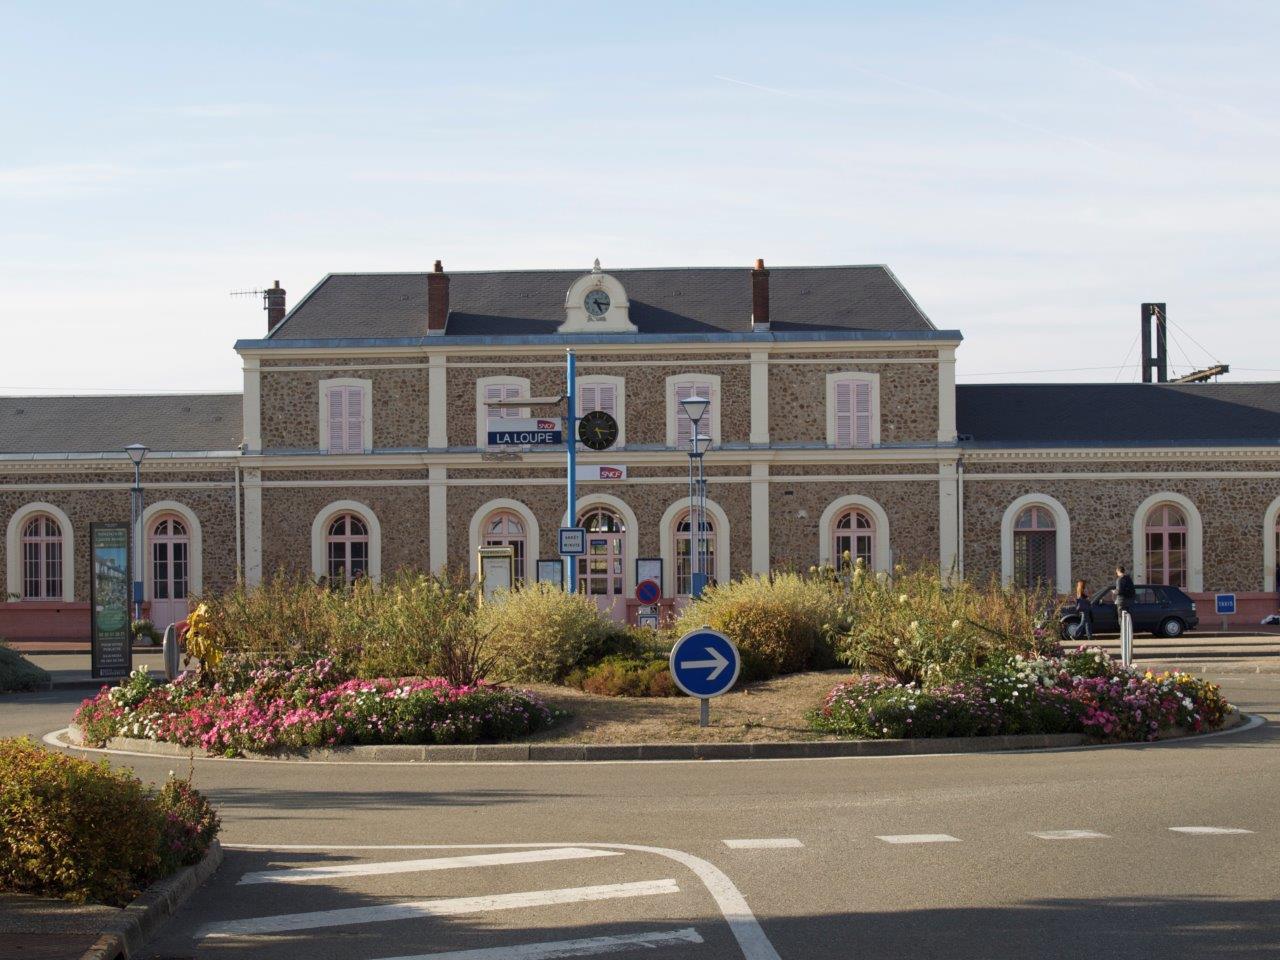 gare-de-la-loupe-train-station